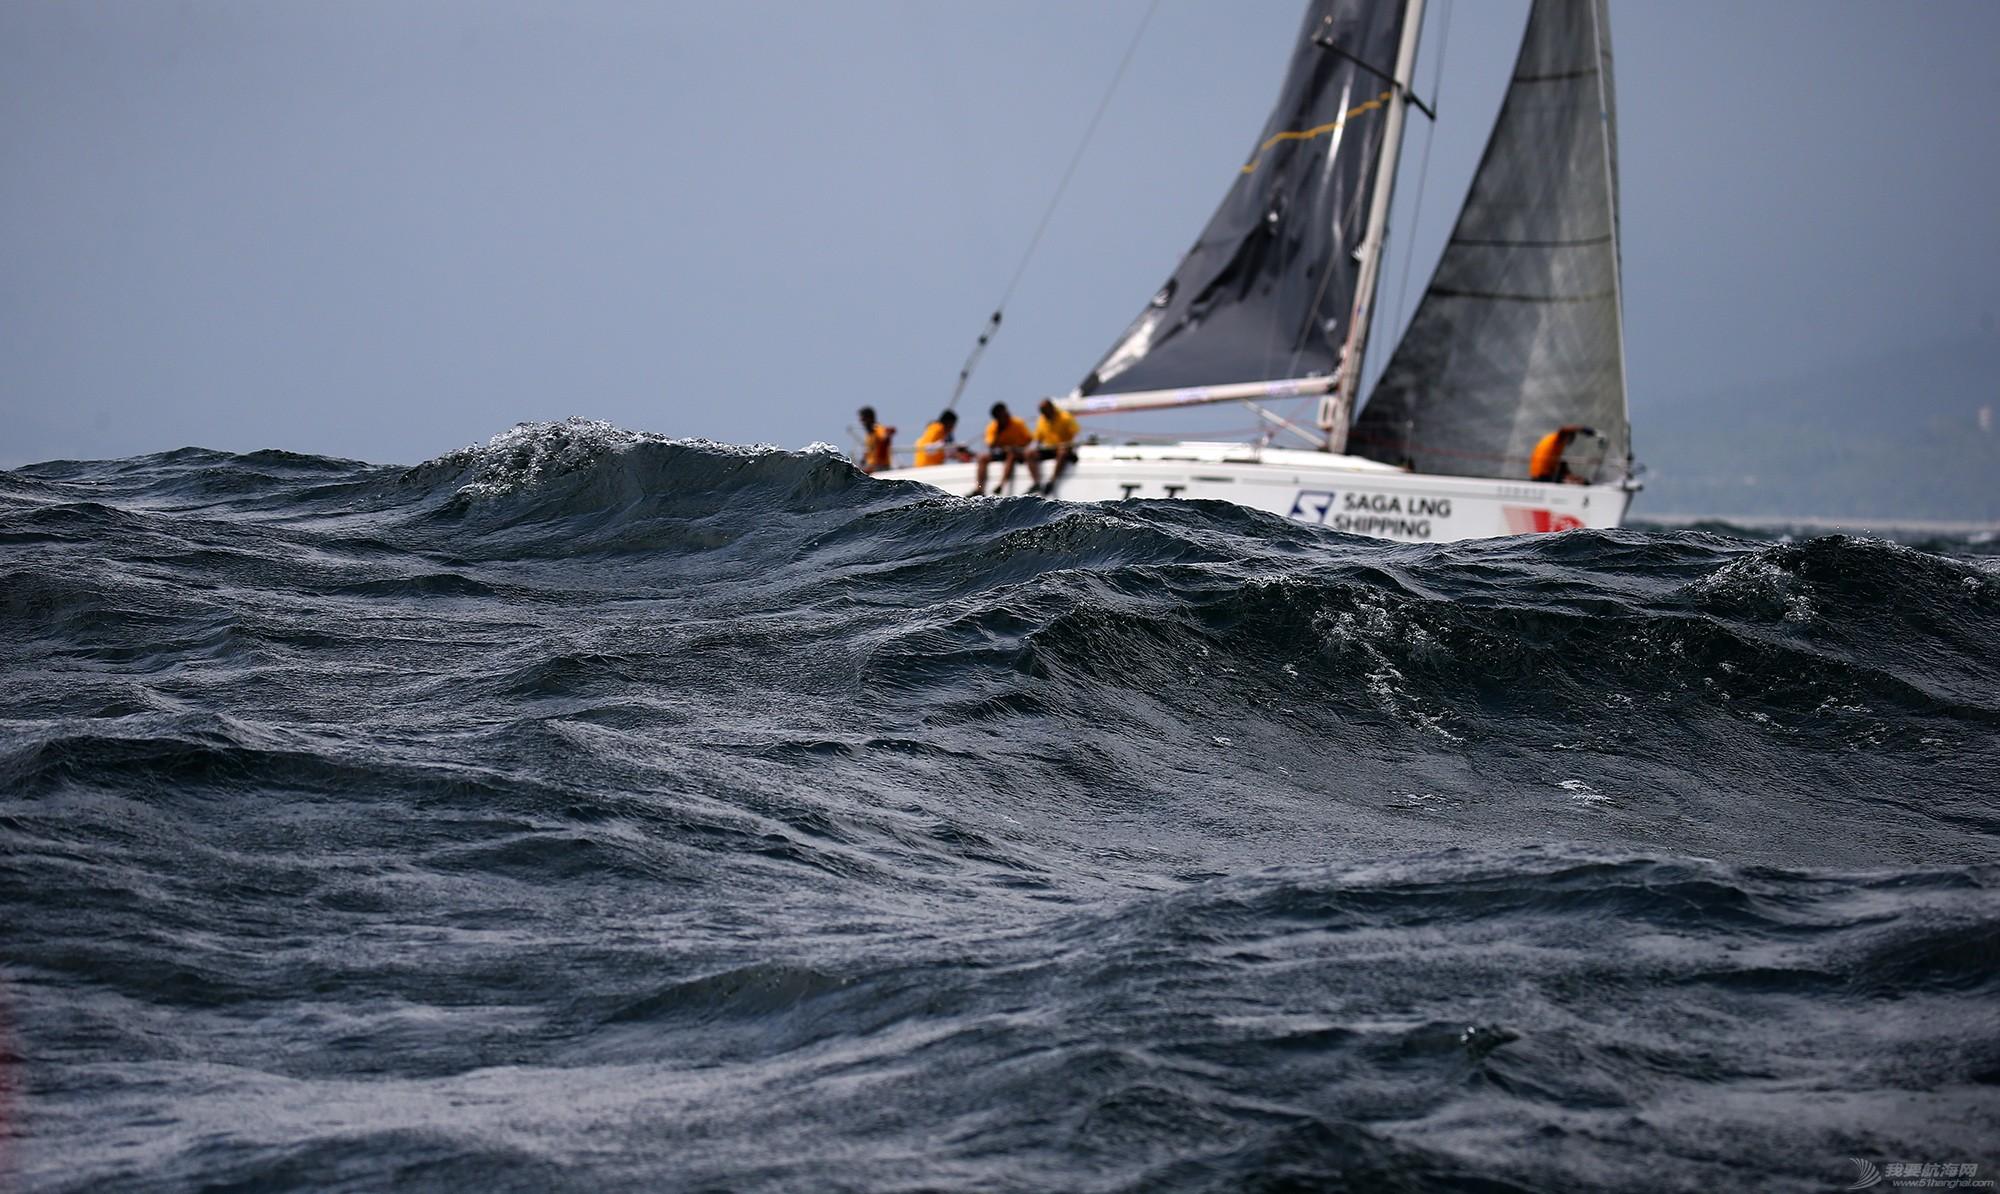 中国 中国杯帆船赛第三日——无风不起浪,雨中见刀枪 E78W7370.JPG